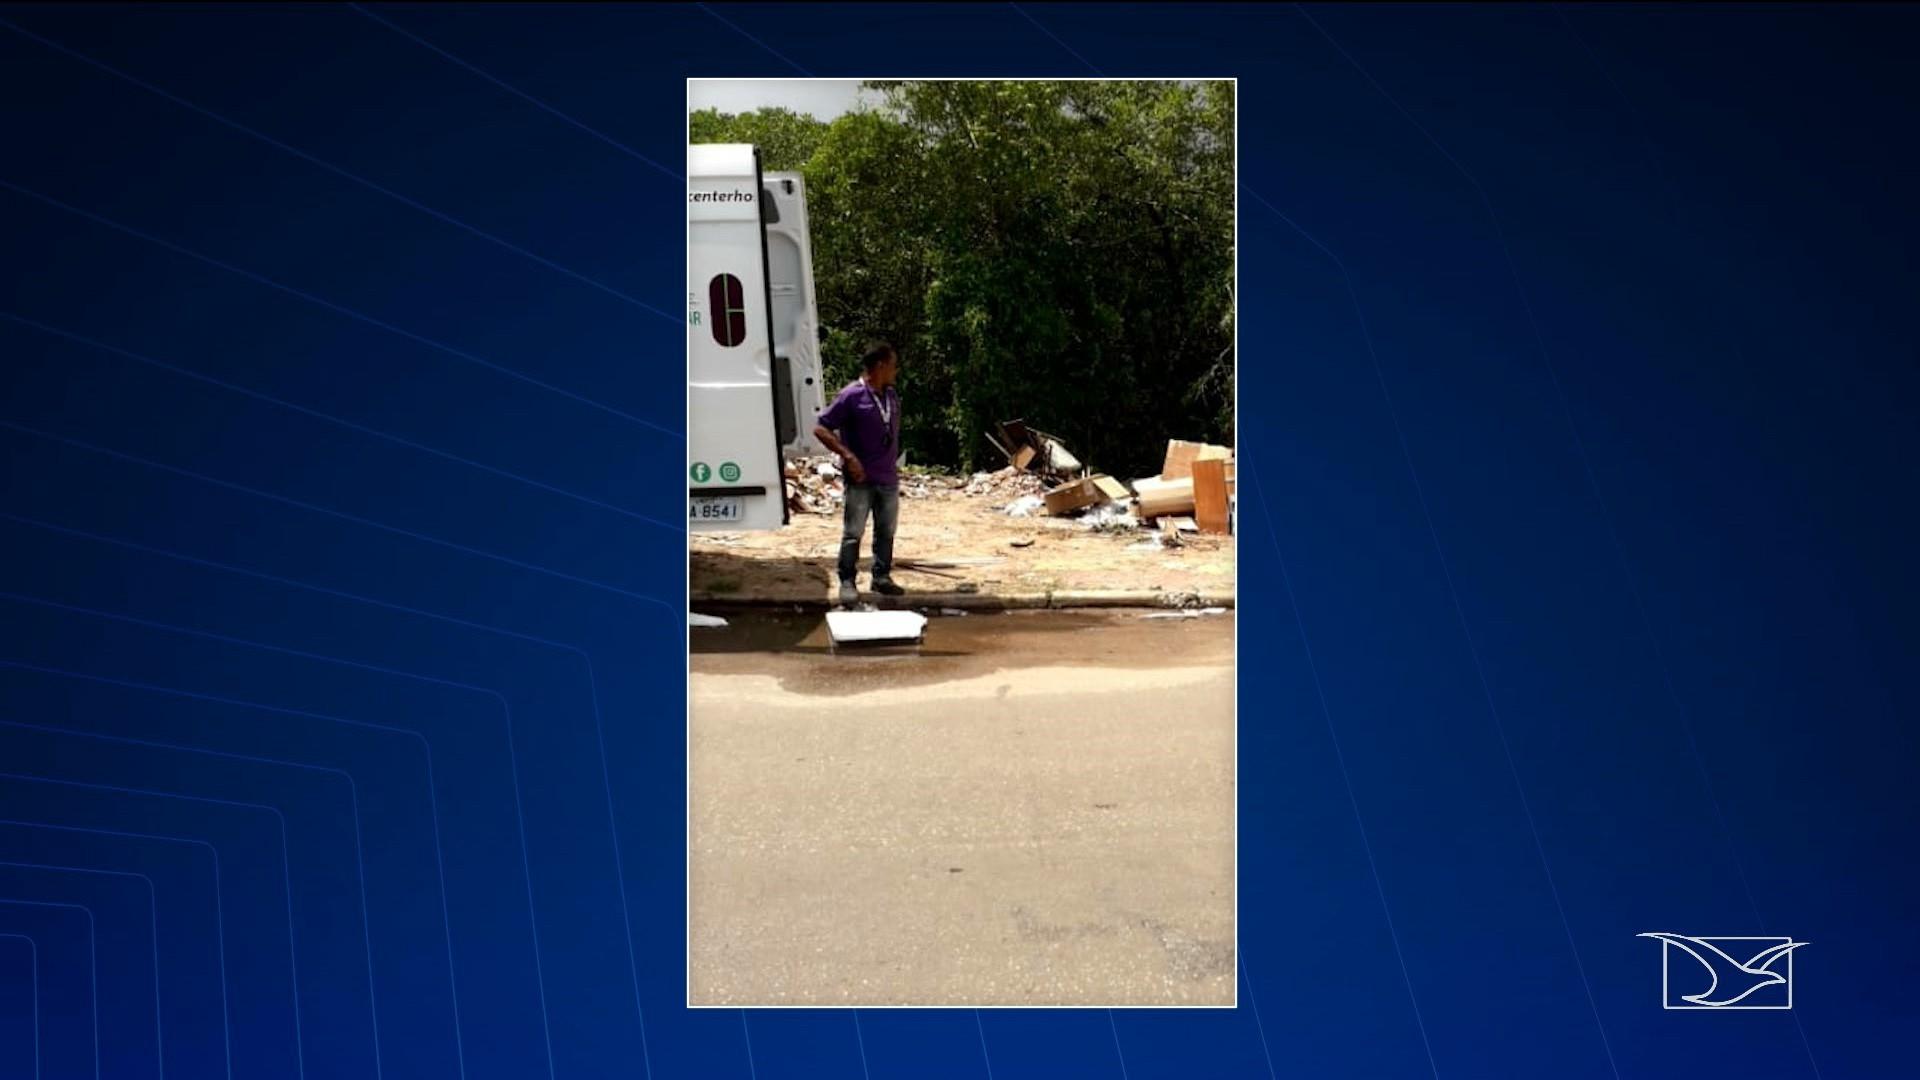 Vídeos e fotos são usados para denunciar descarte irregular de lixo em São Luís - Notícias - Plantão Diário